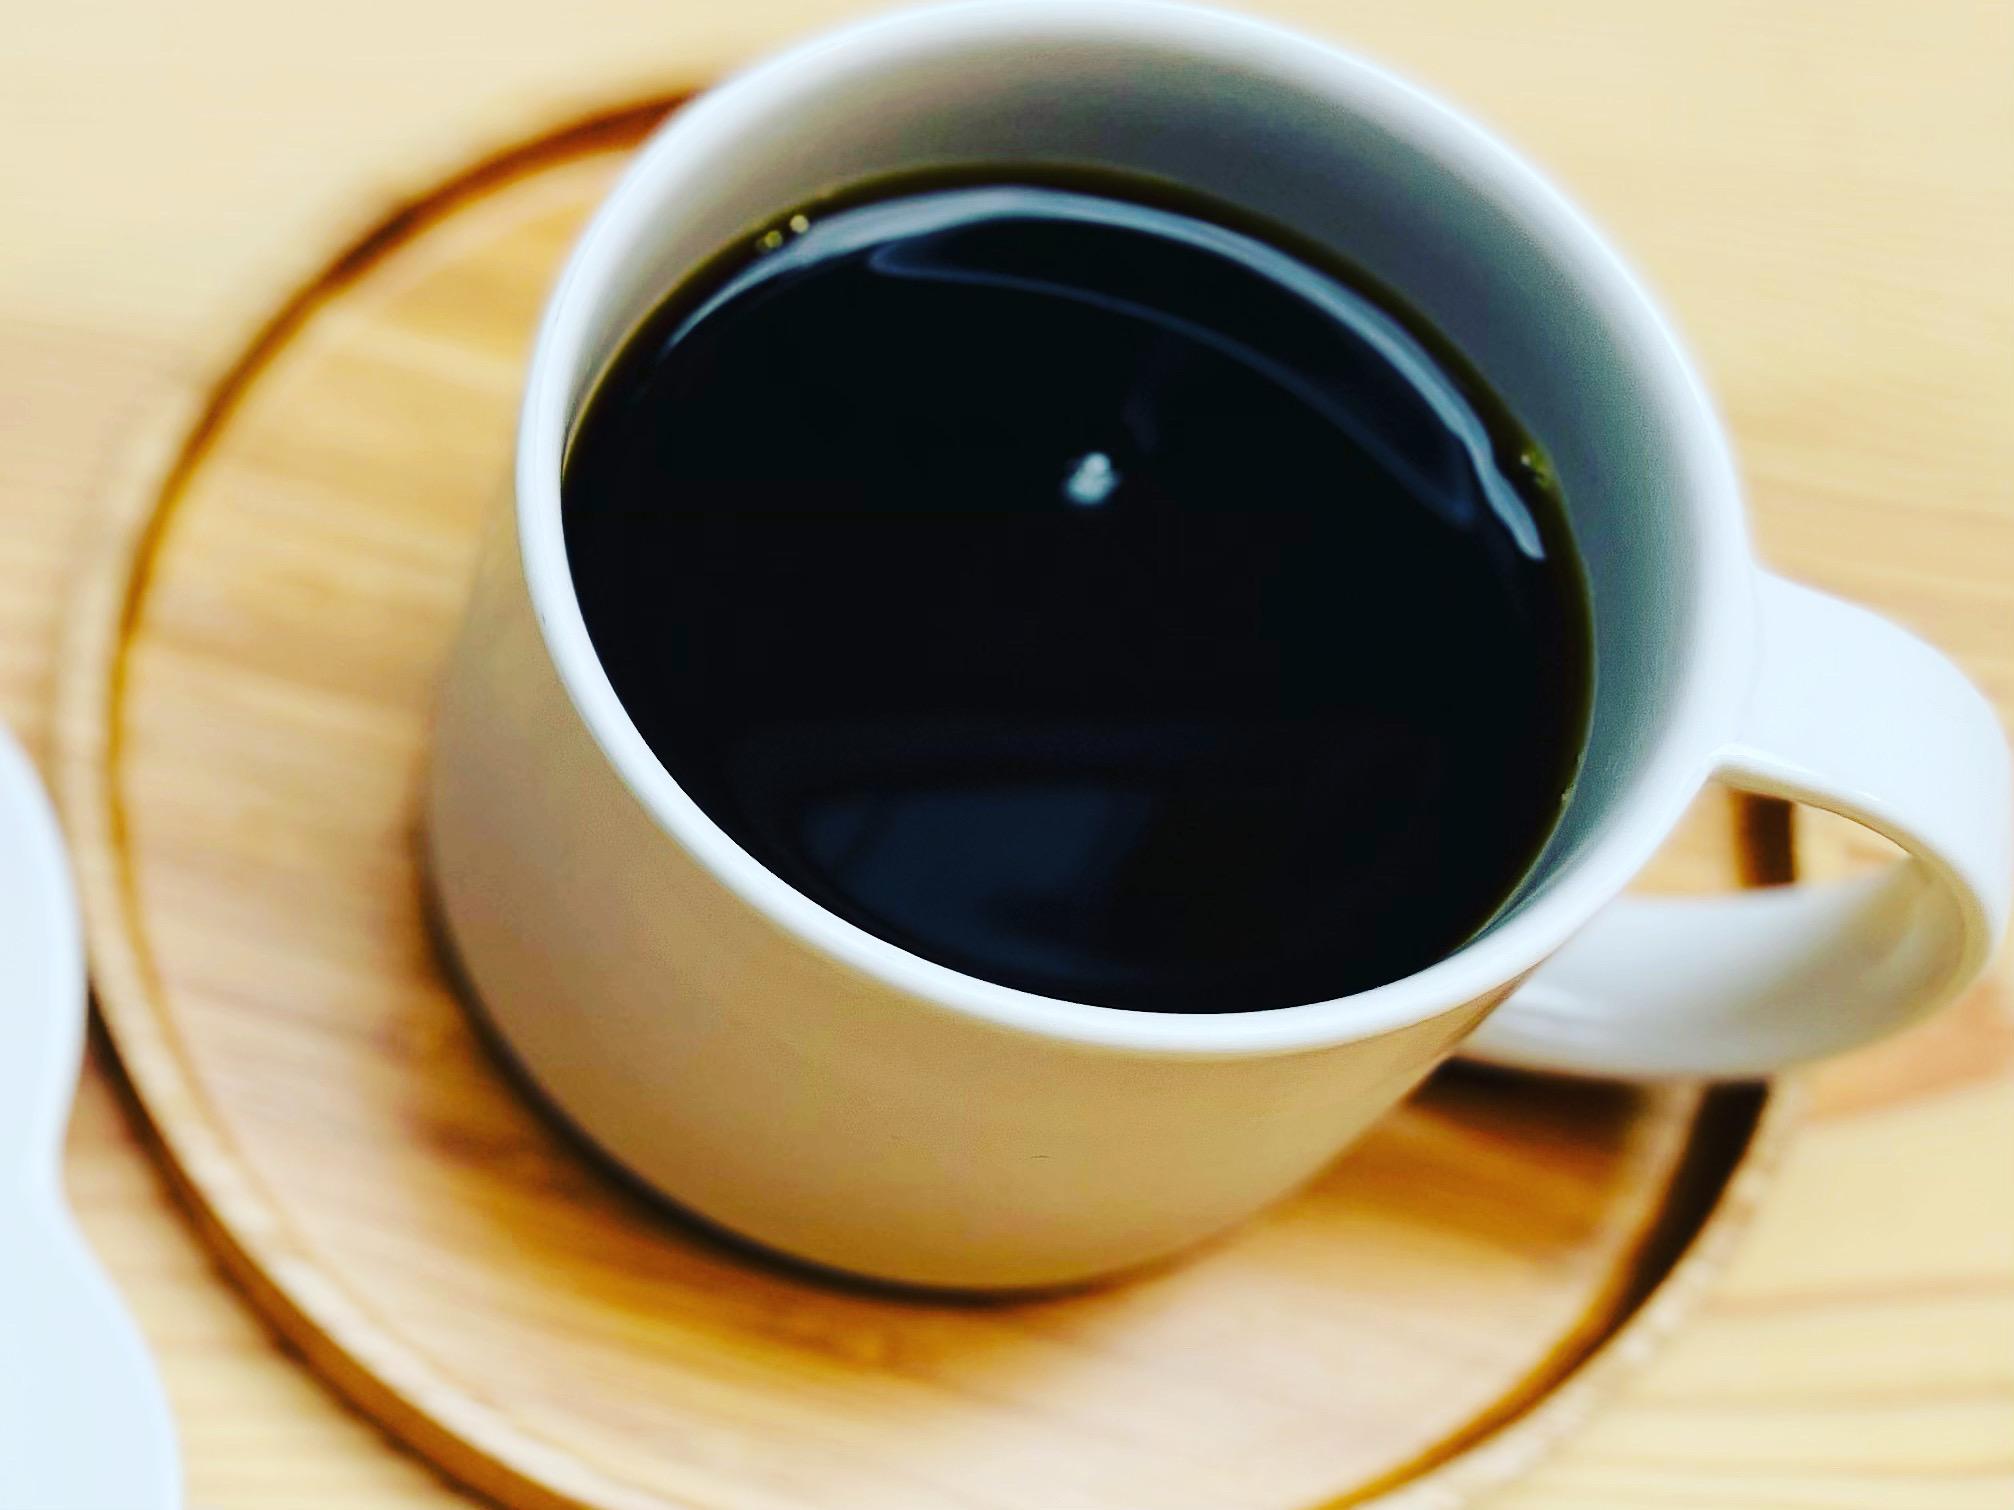 <p>こんにちは、kaicocafeです☕️ 毎週金曜日の12:00〜14:00に開催している珈琲セミナーですが、 10/15(金)は16:00〜18:00に時間変更致します☺️ 珈琲マイスターによる美味しいコーヒーの淹れ方や飲み比べ、自家製ケーキを食べながらの質問会など、盛り沢山の内容です♪ お電話や店頭にてご予約承っていますので、ぜひご参加くだ […]</p>